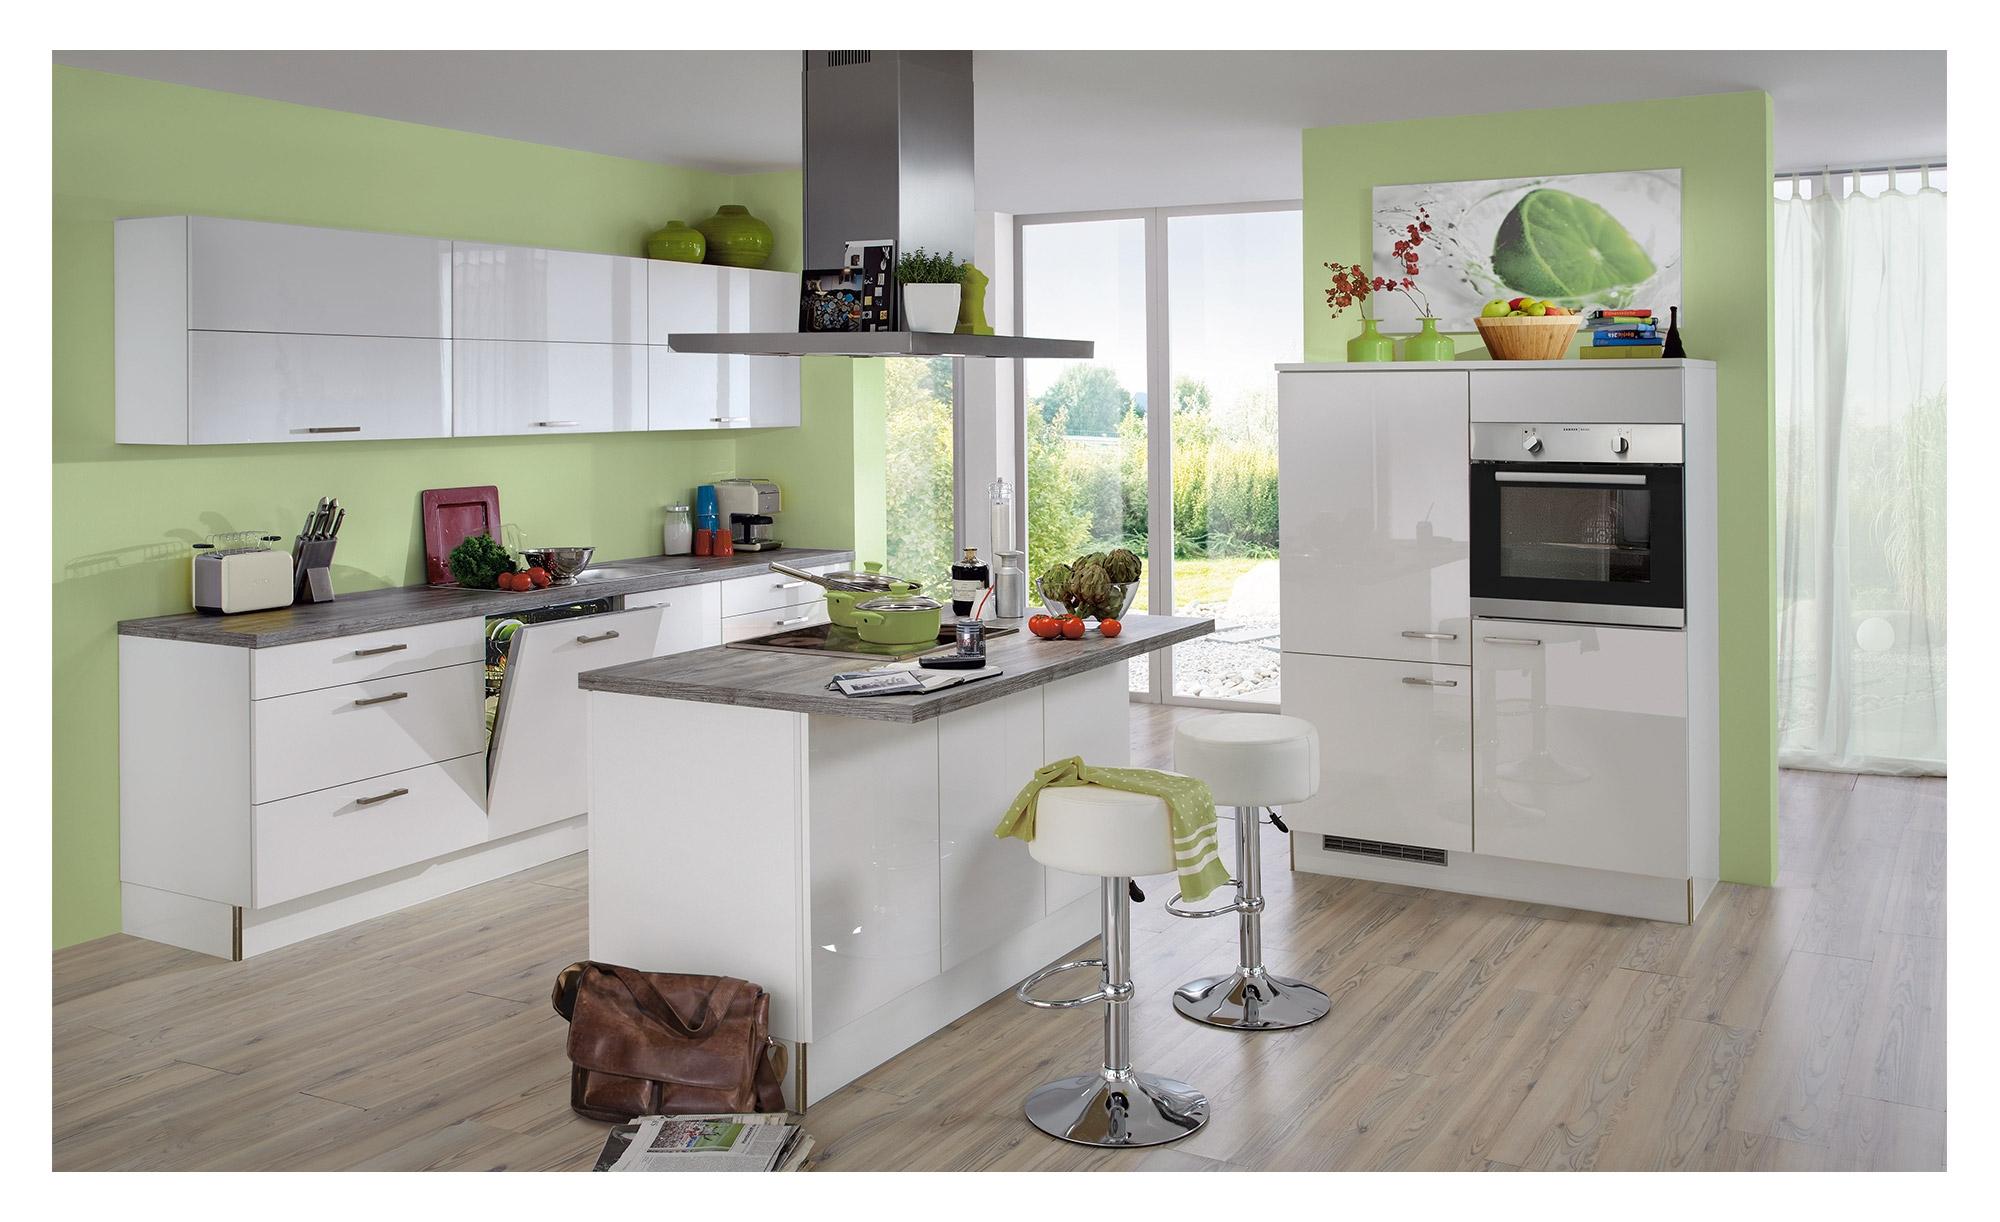 Full Size of Vorratsschrank Küche Weiß Hochglanz Nolte Küche Weiß Hochglanz Grifflos Küche Weiß Hochglanz Lackieren Küche Weiß Hochglanz Arbeitsplatte Eiche Küche Küche Weiß Hochglanz